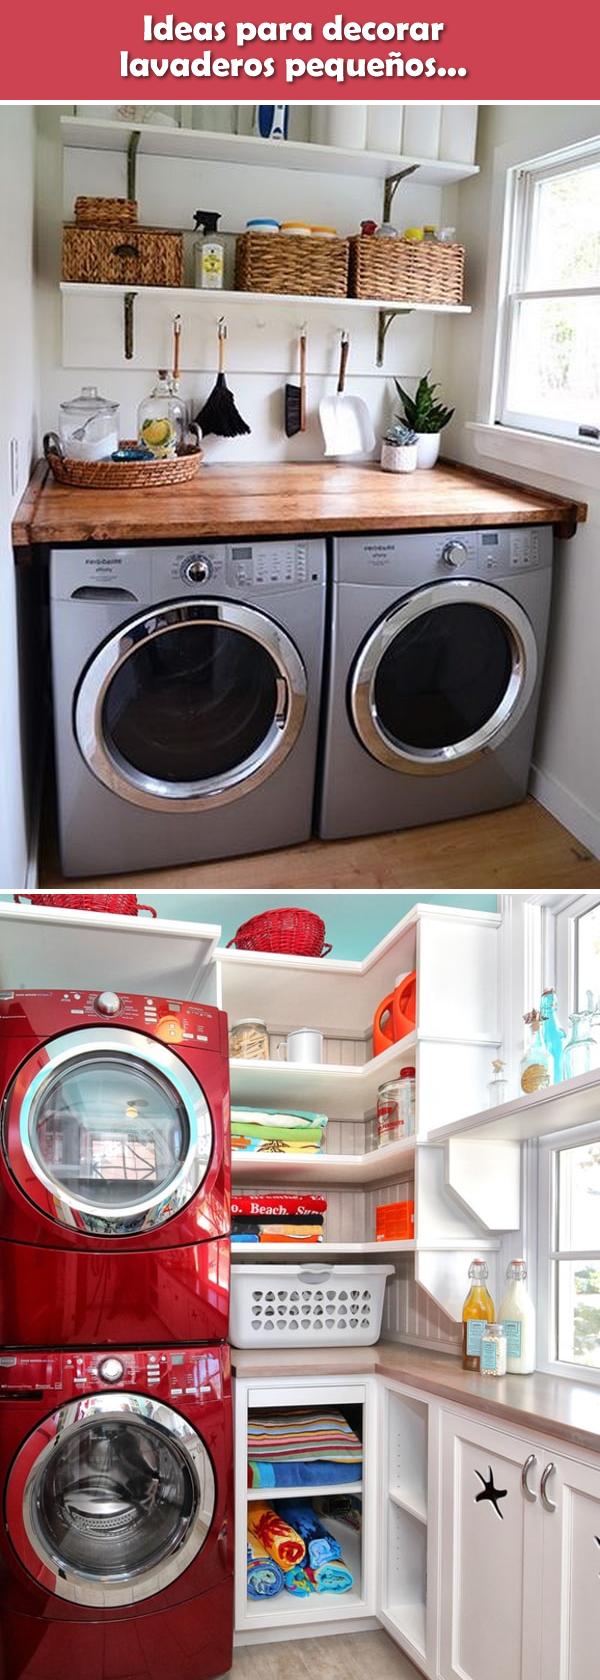 Ideas para lavaderos peque os decoraci n para for Ideas para departamentos chicos